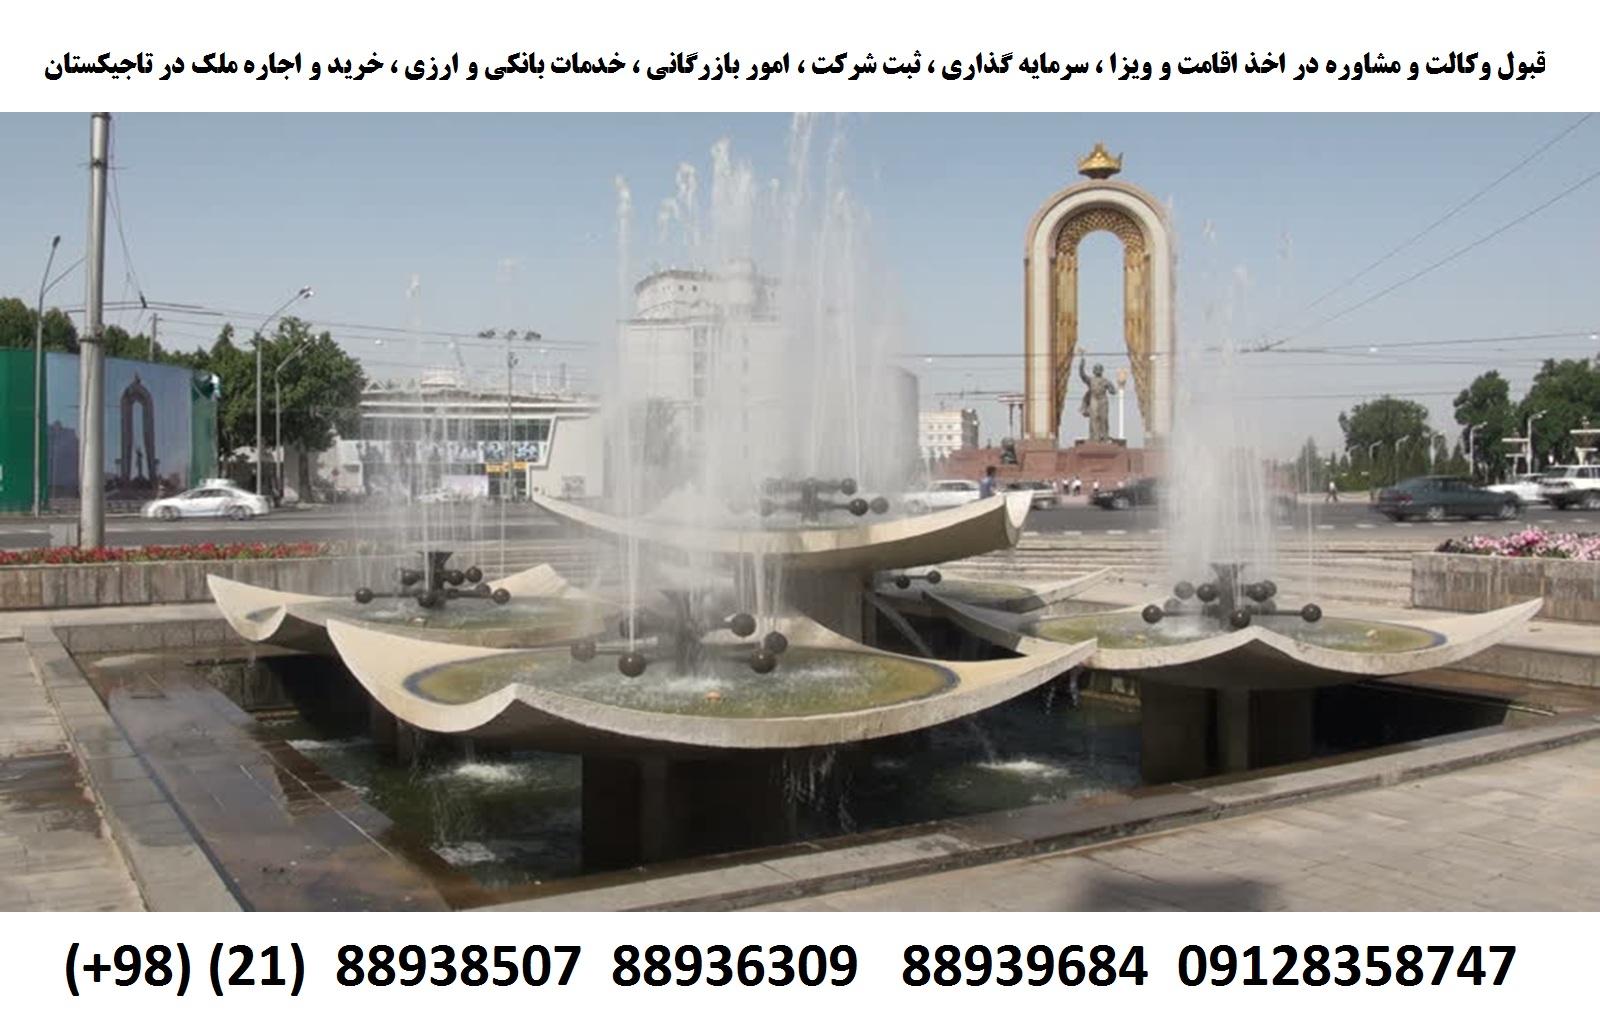 اقامت ، ویزا ، ثبت شرکت ، سرمایه گذاری در تاجیکستان (3)